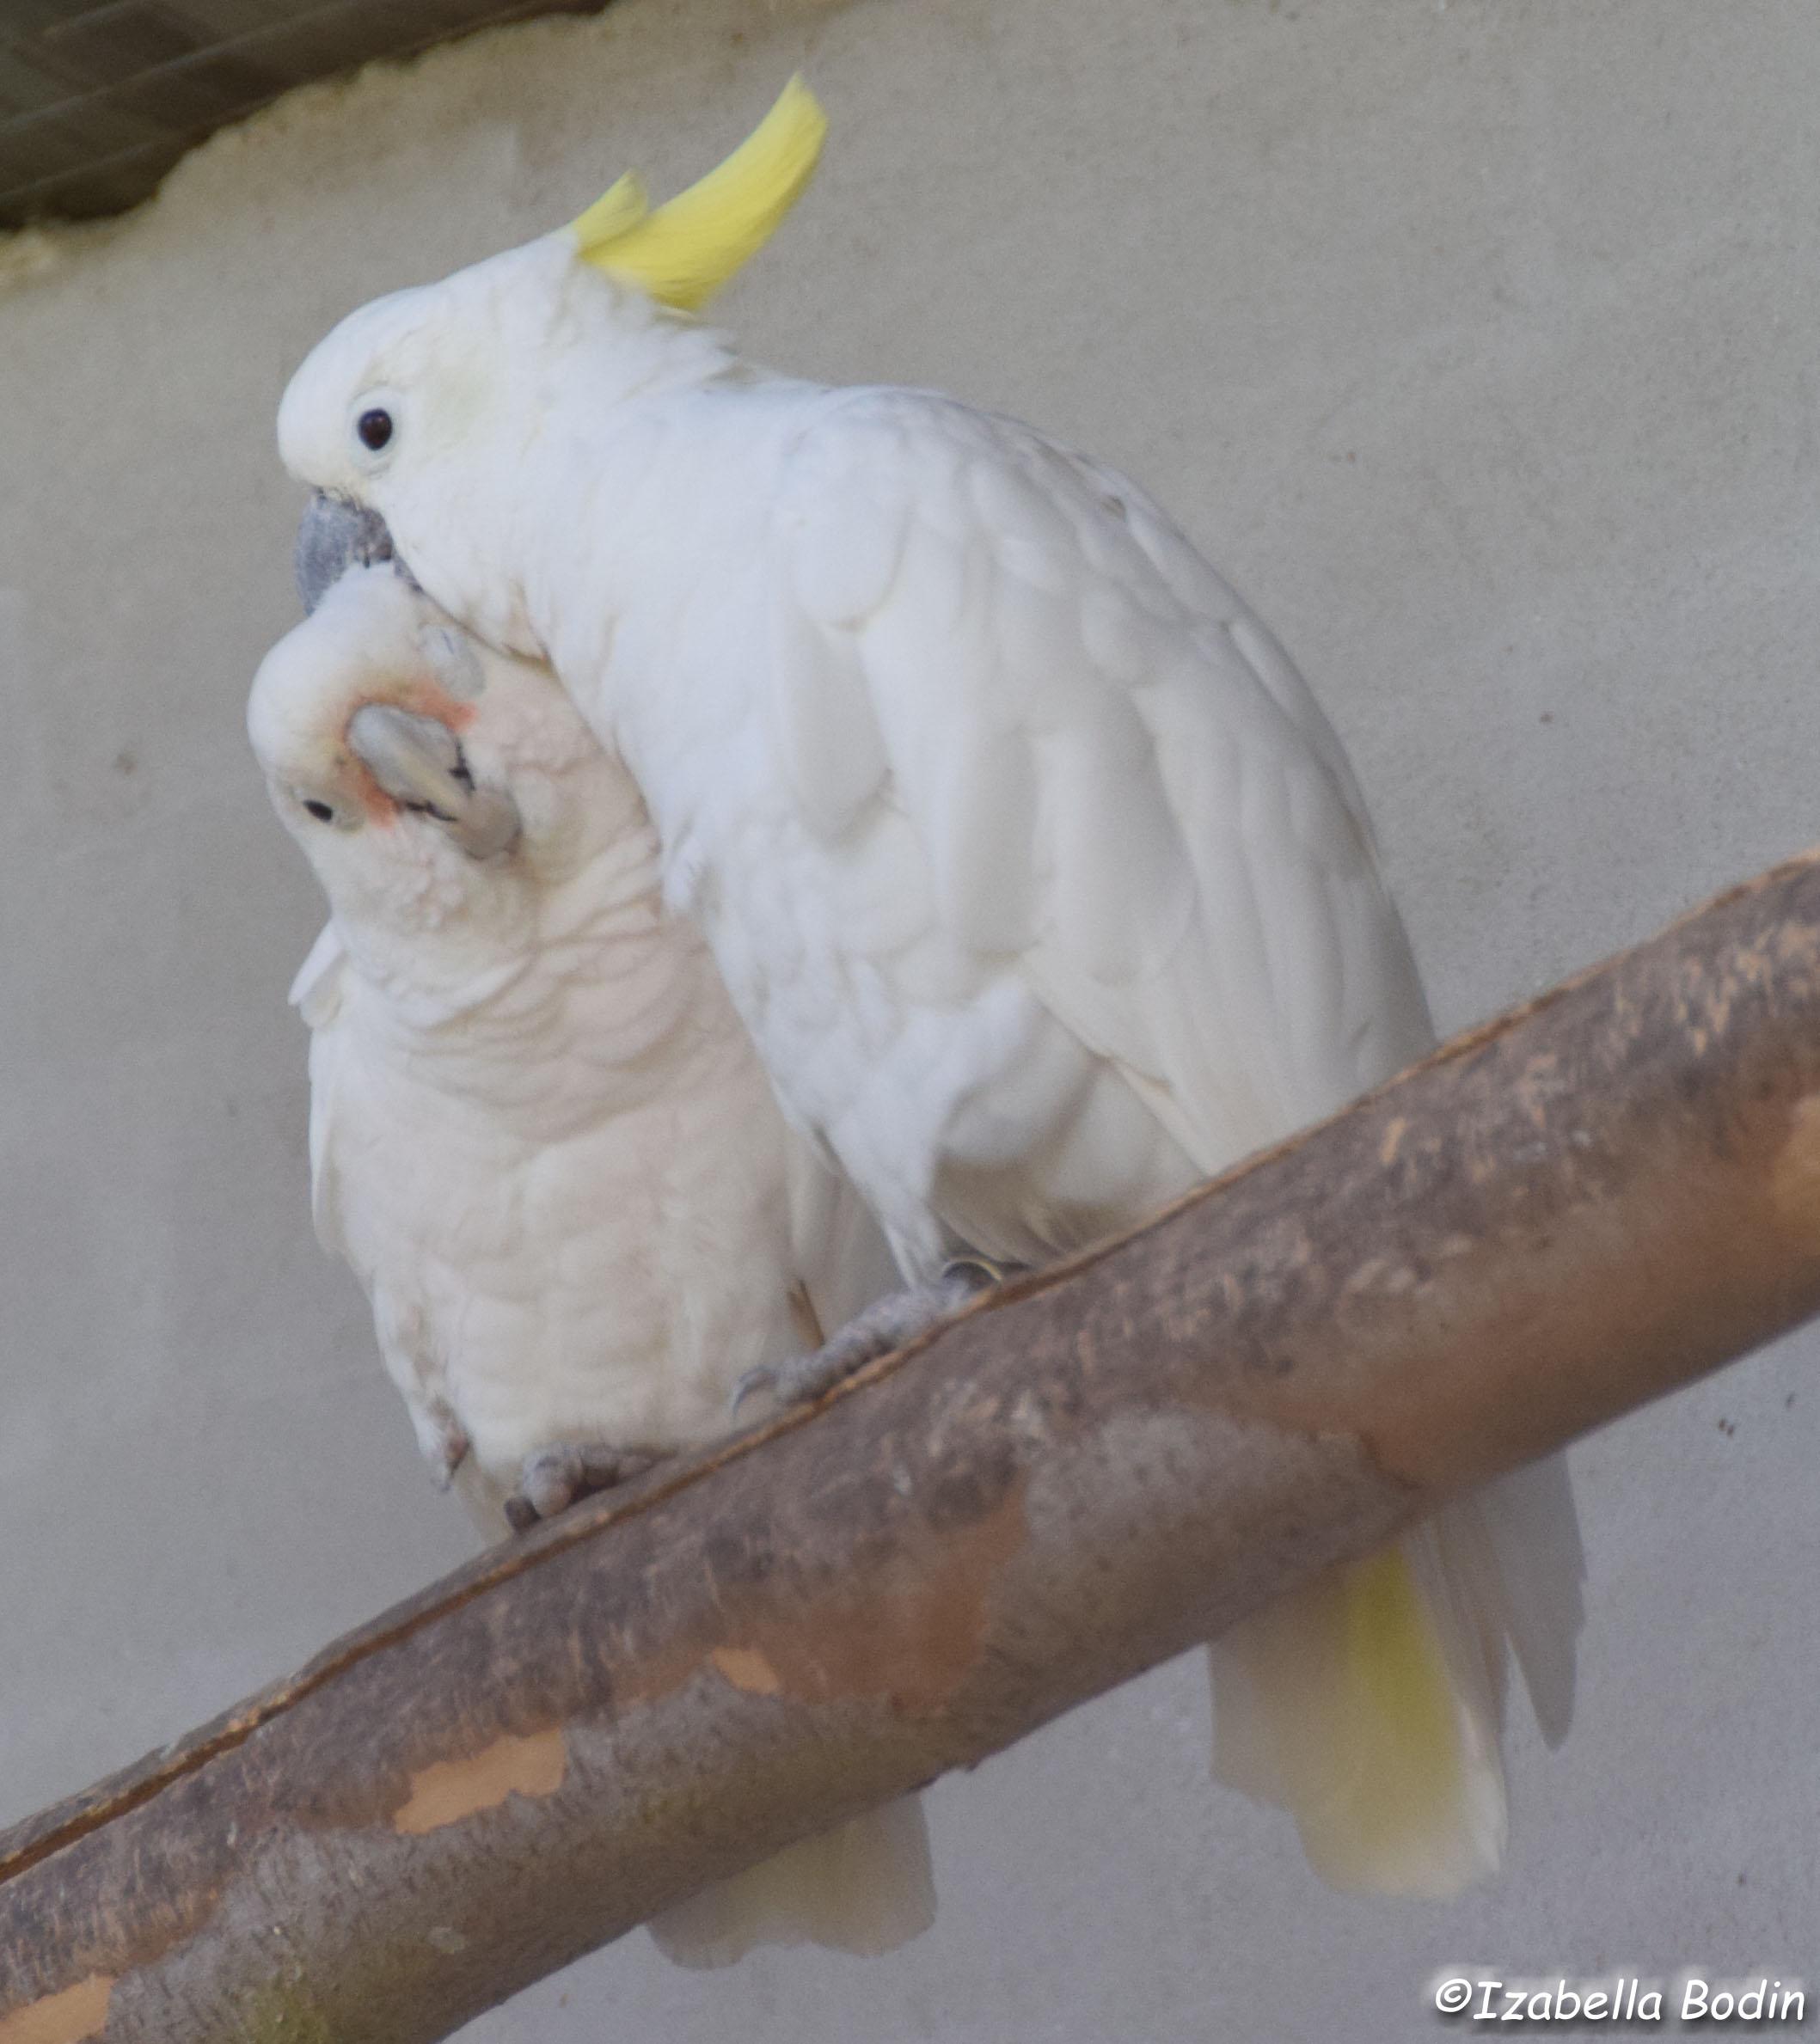 Tanimbar Corella & Sulphur-crested Cockatoo - Copyright © Izabella Bodin